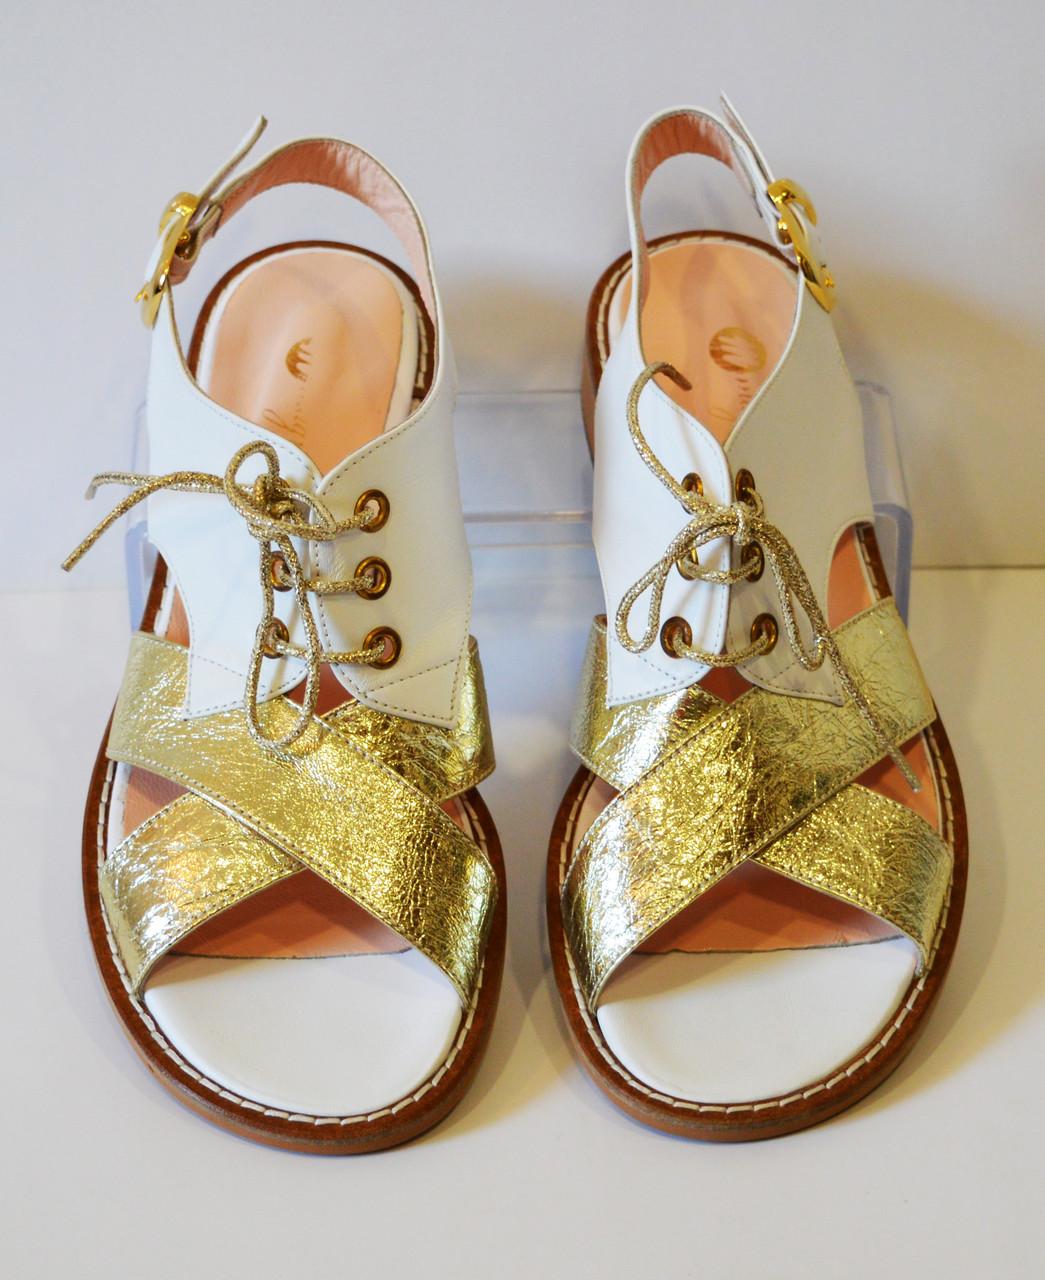 Жіночі босоніжки золотисті на шнурках Magnolya 1950